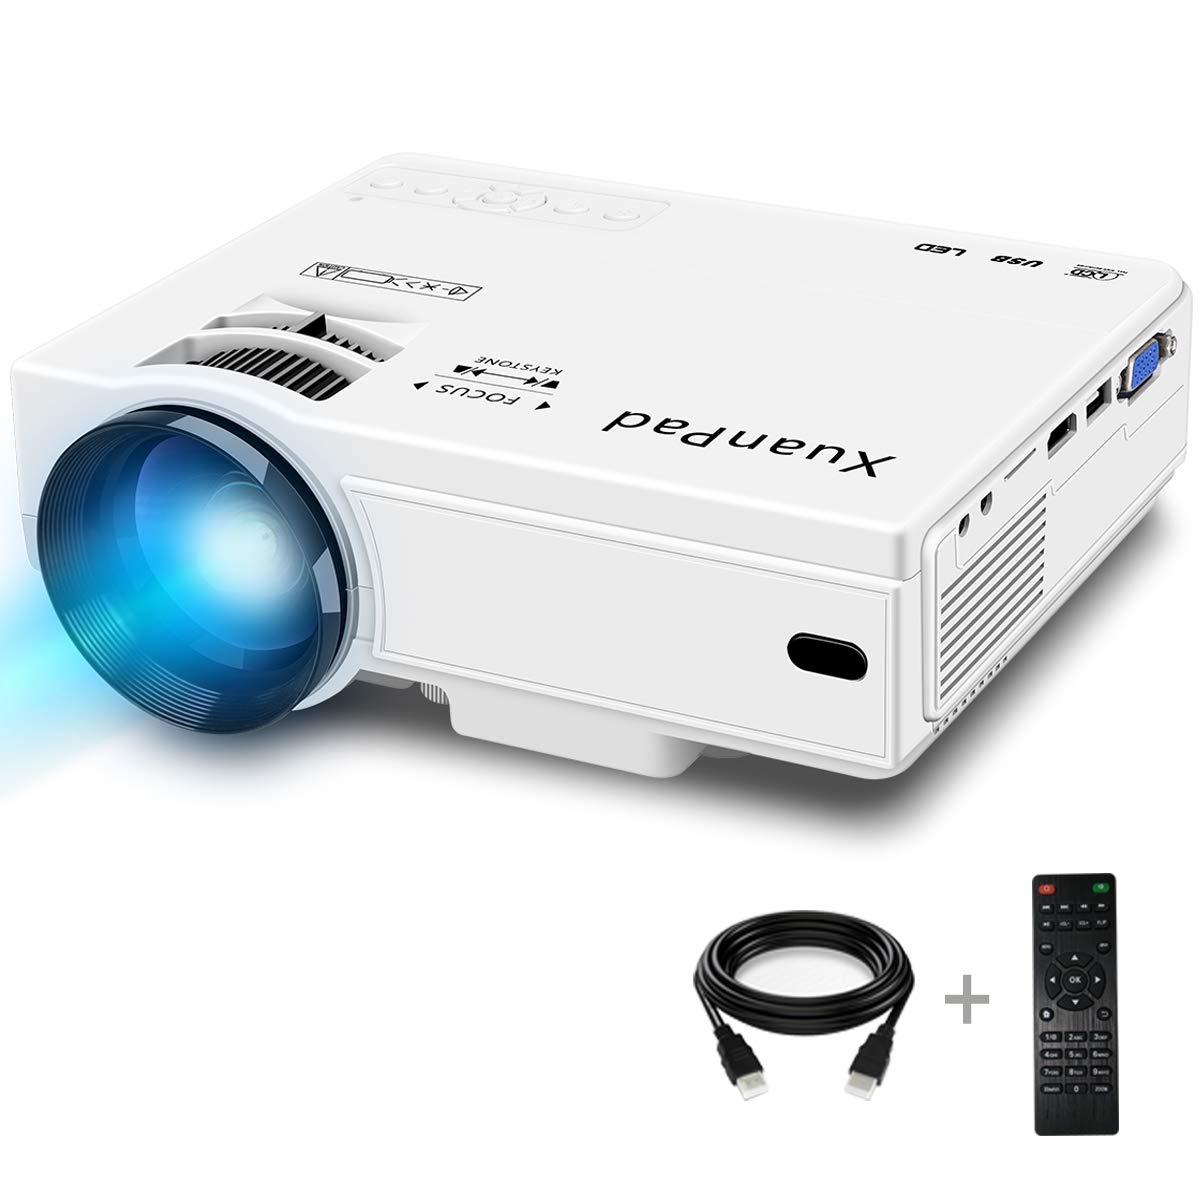 XuanPad Mini Proiettore 2400 Lumens, 55000 ore Portatile Videoproiettore Home Theater Proiettori, compatibile con Amazon Fire TV Stick1080P HDMI VGA USB HHLX